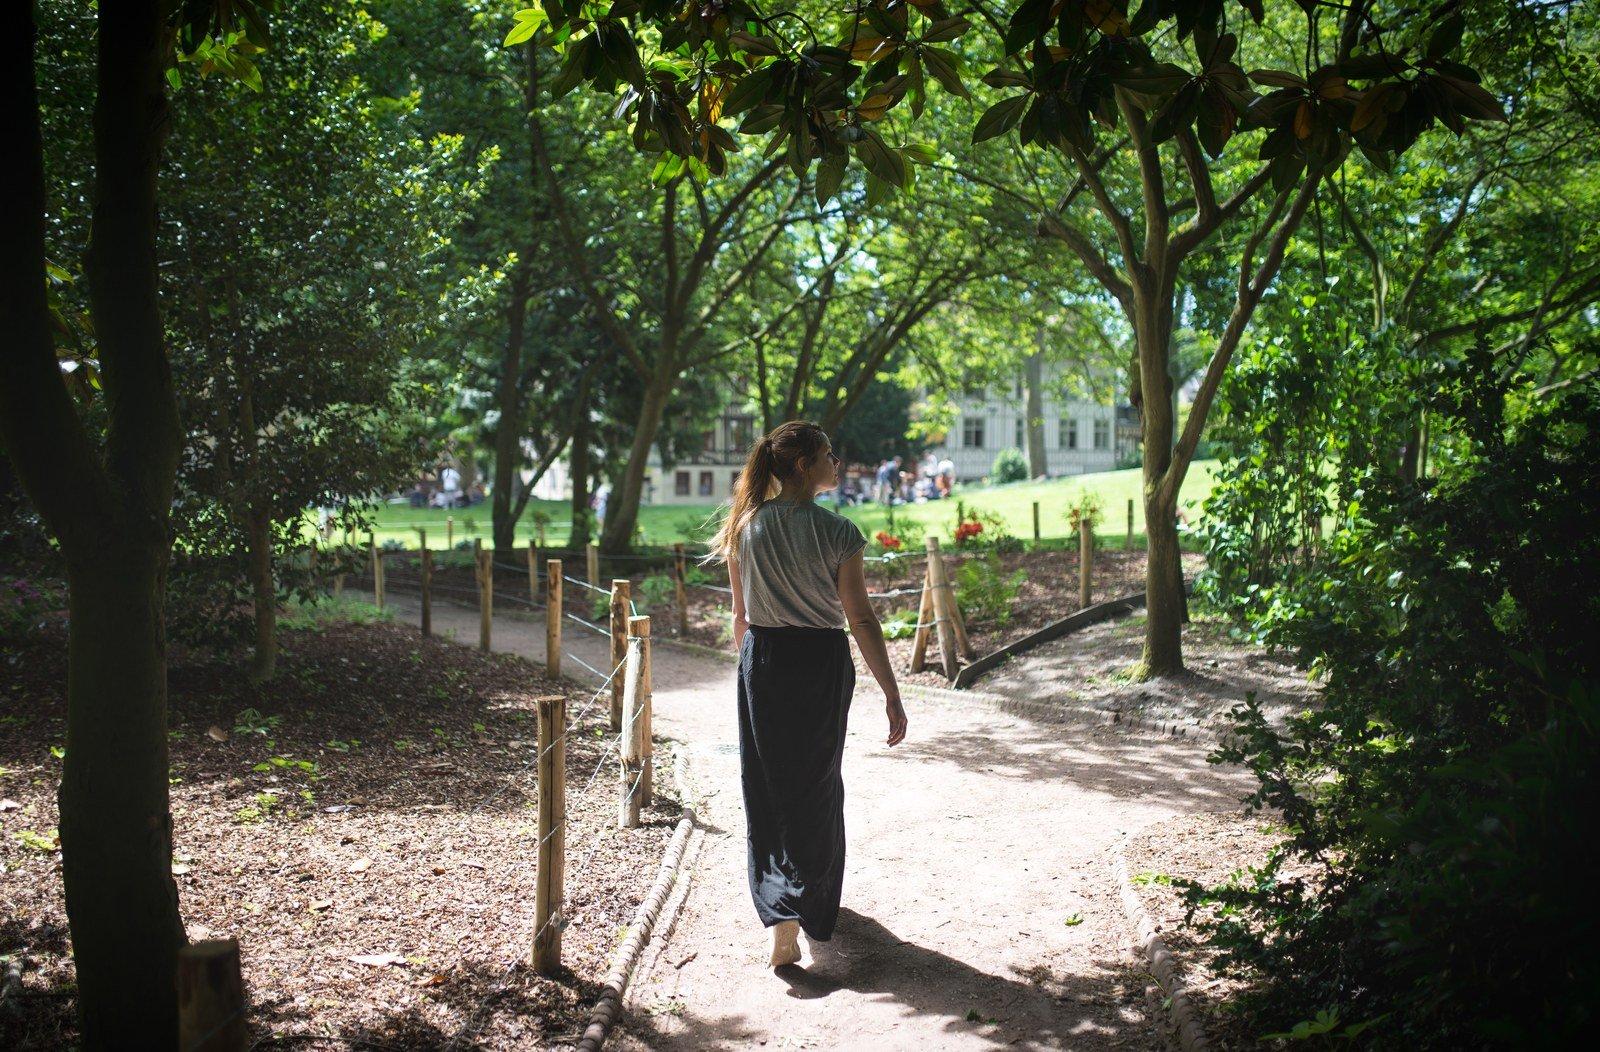 Se promener dans les jardins de l 39 abbatiale saint ouen rouen en france - Les jardins de l oyat mimizan ...